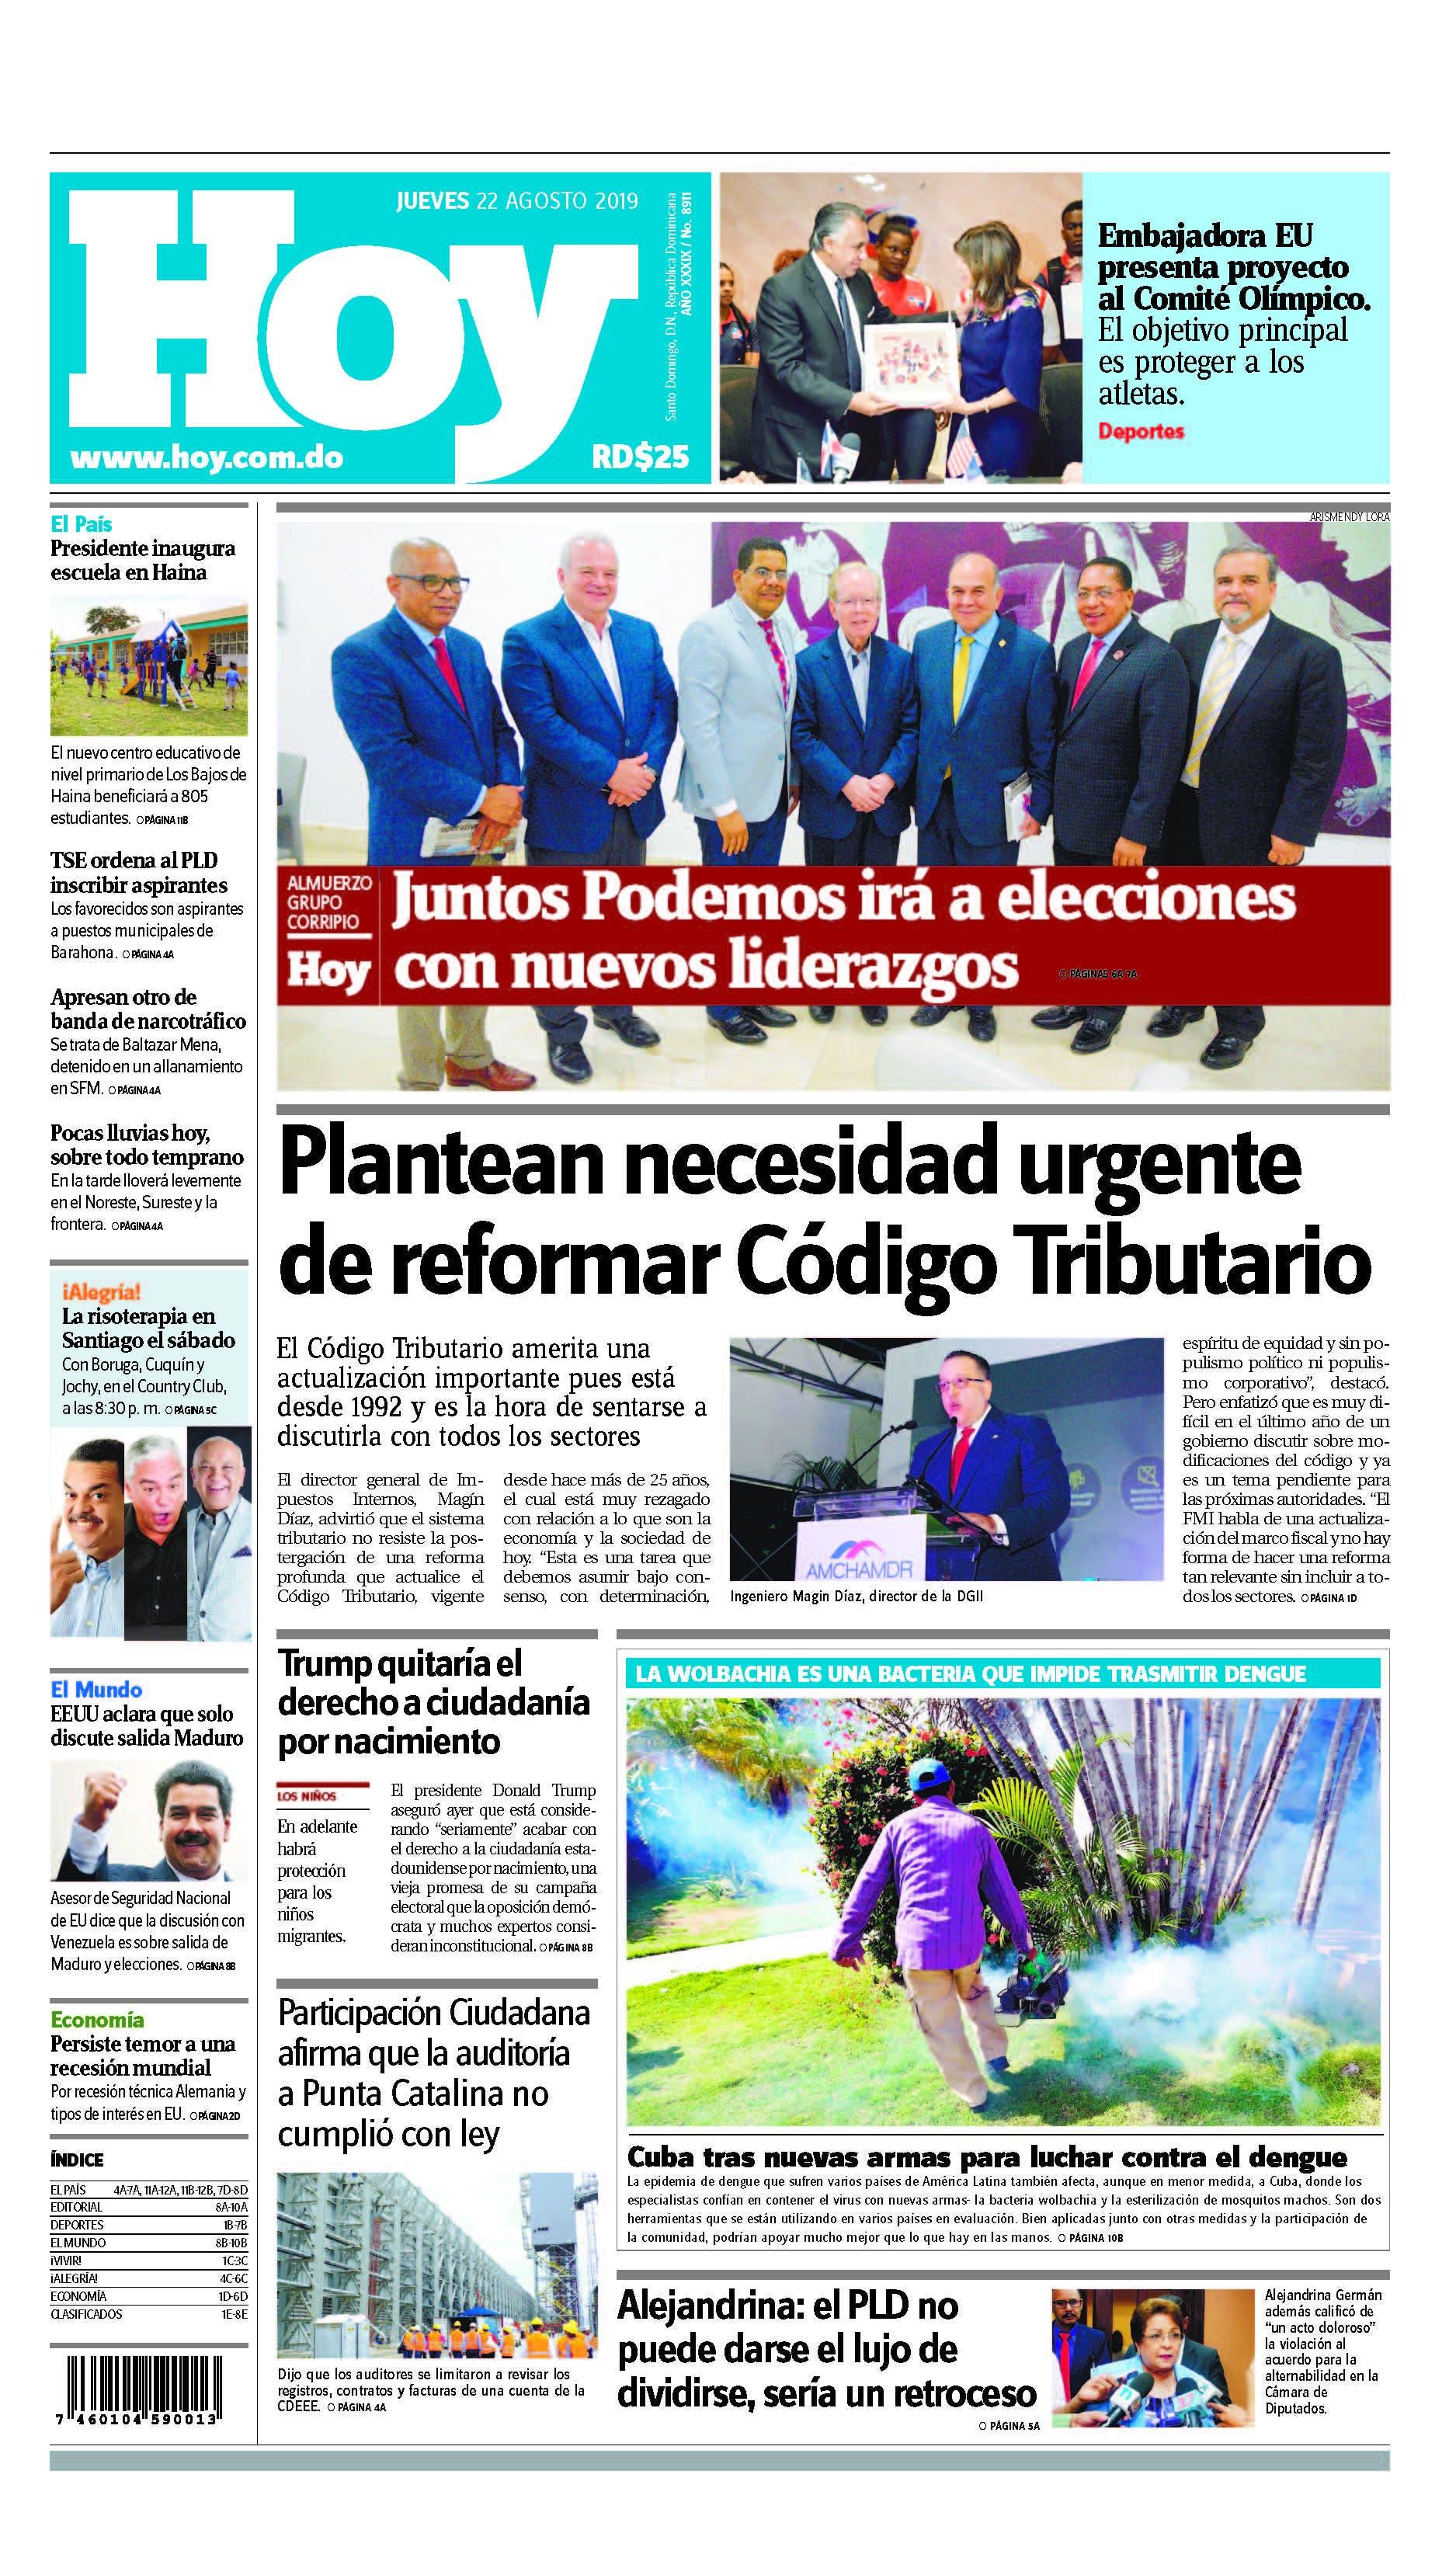 Pages from Edición impresa HOY jueves 22 de agosto del 2019